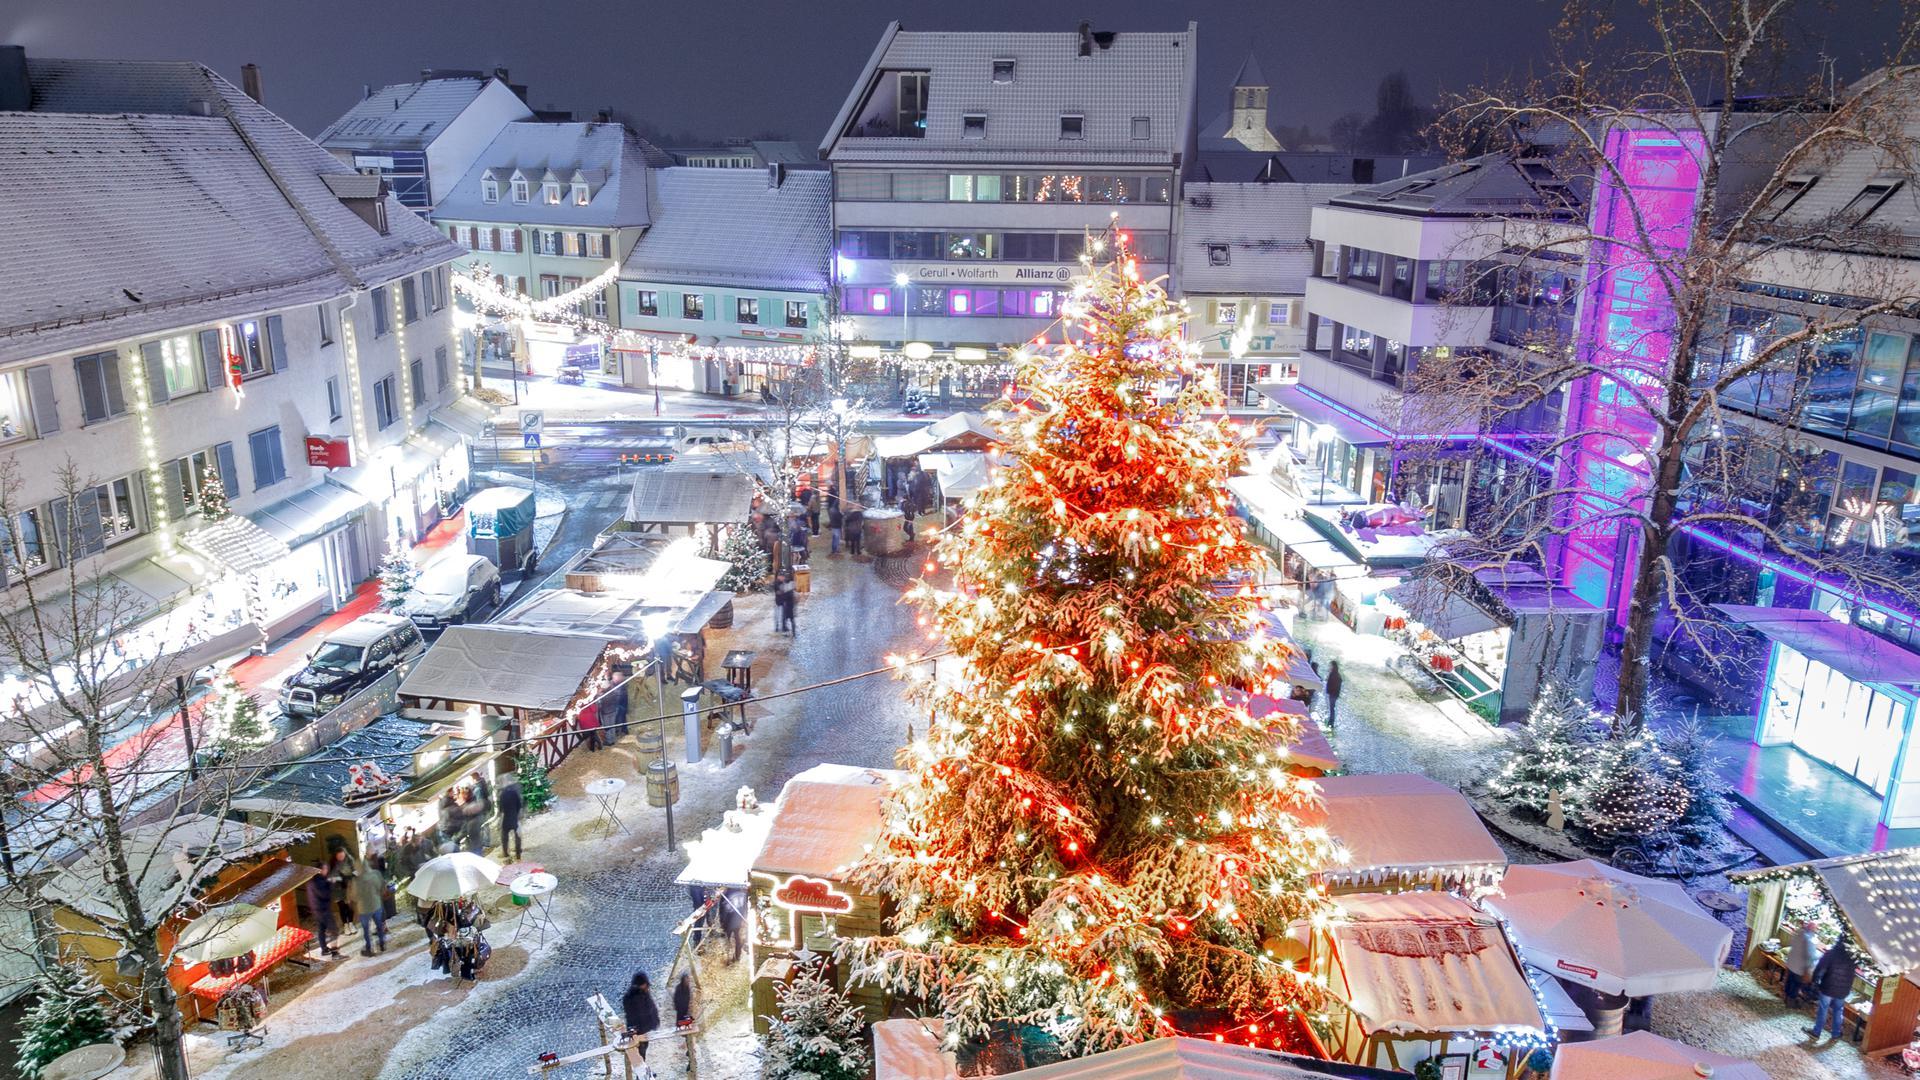 ABB Achern Weihnachtsmarkt 2017 im Schnee